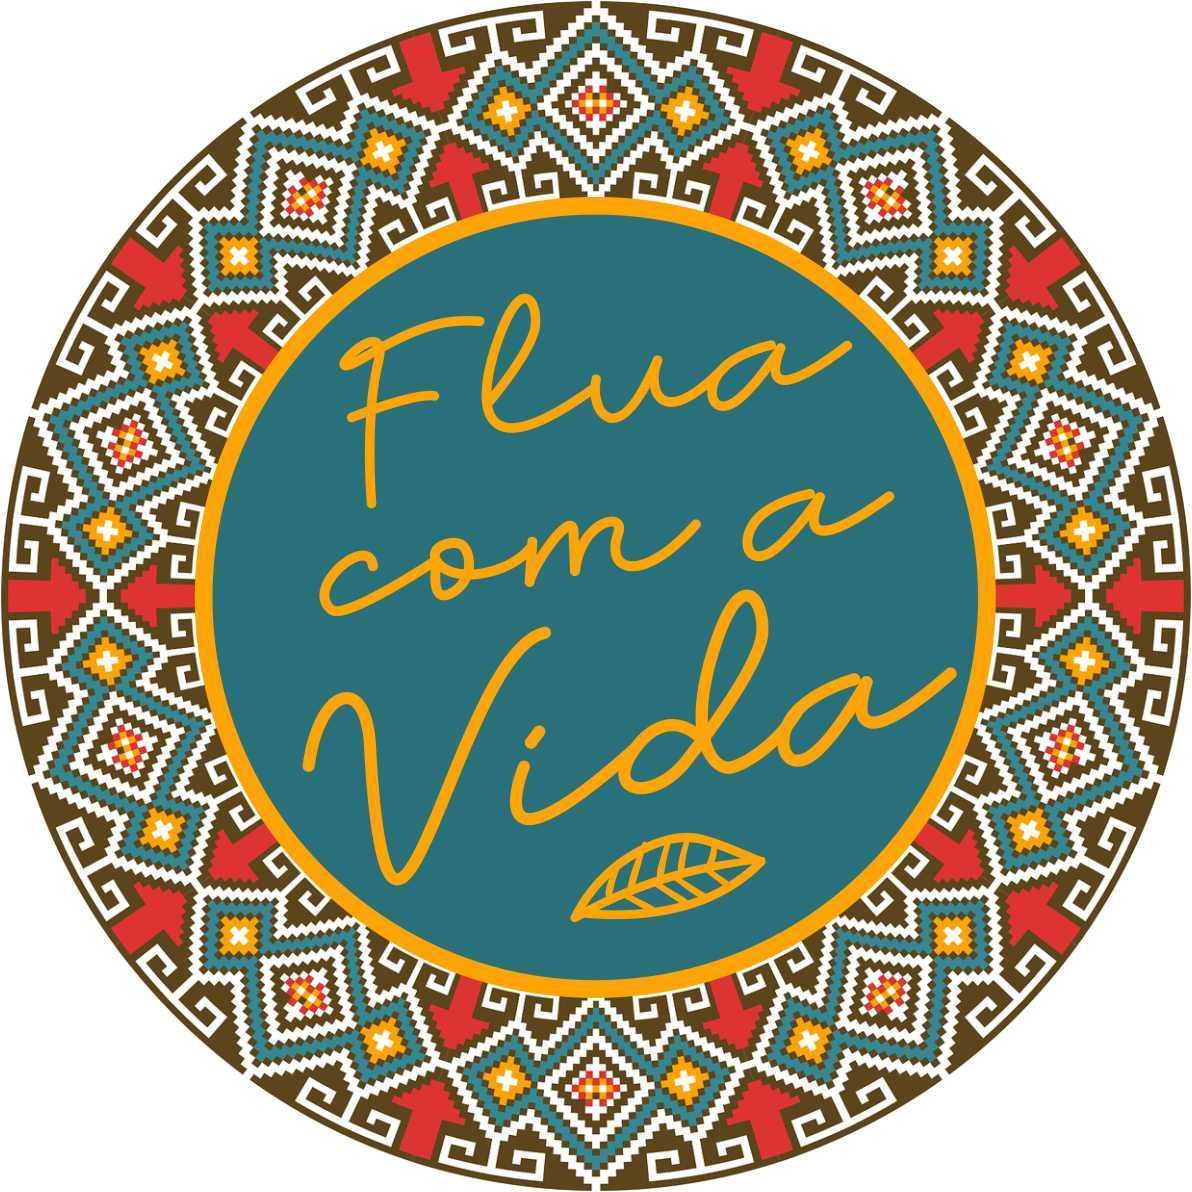 MANDALA INCA: FLUA COM A VIDA